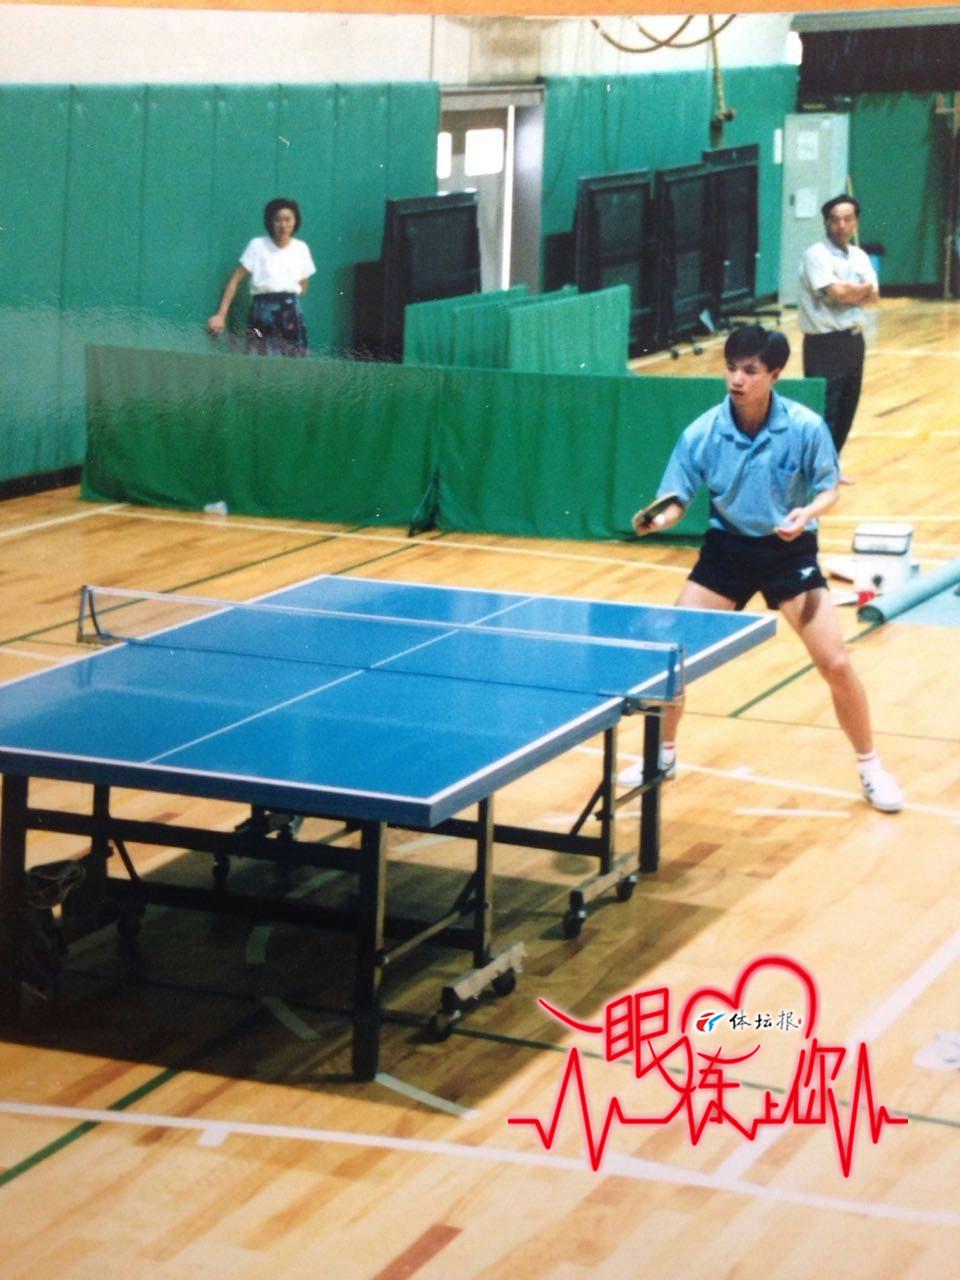 沈磊:打乒乓球的都长很帅!不服你来说!